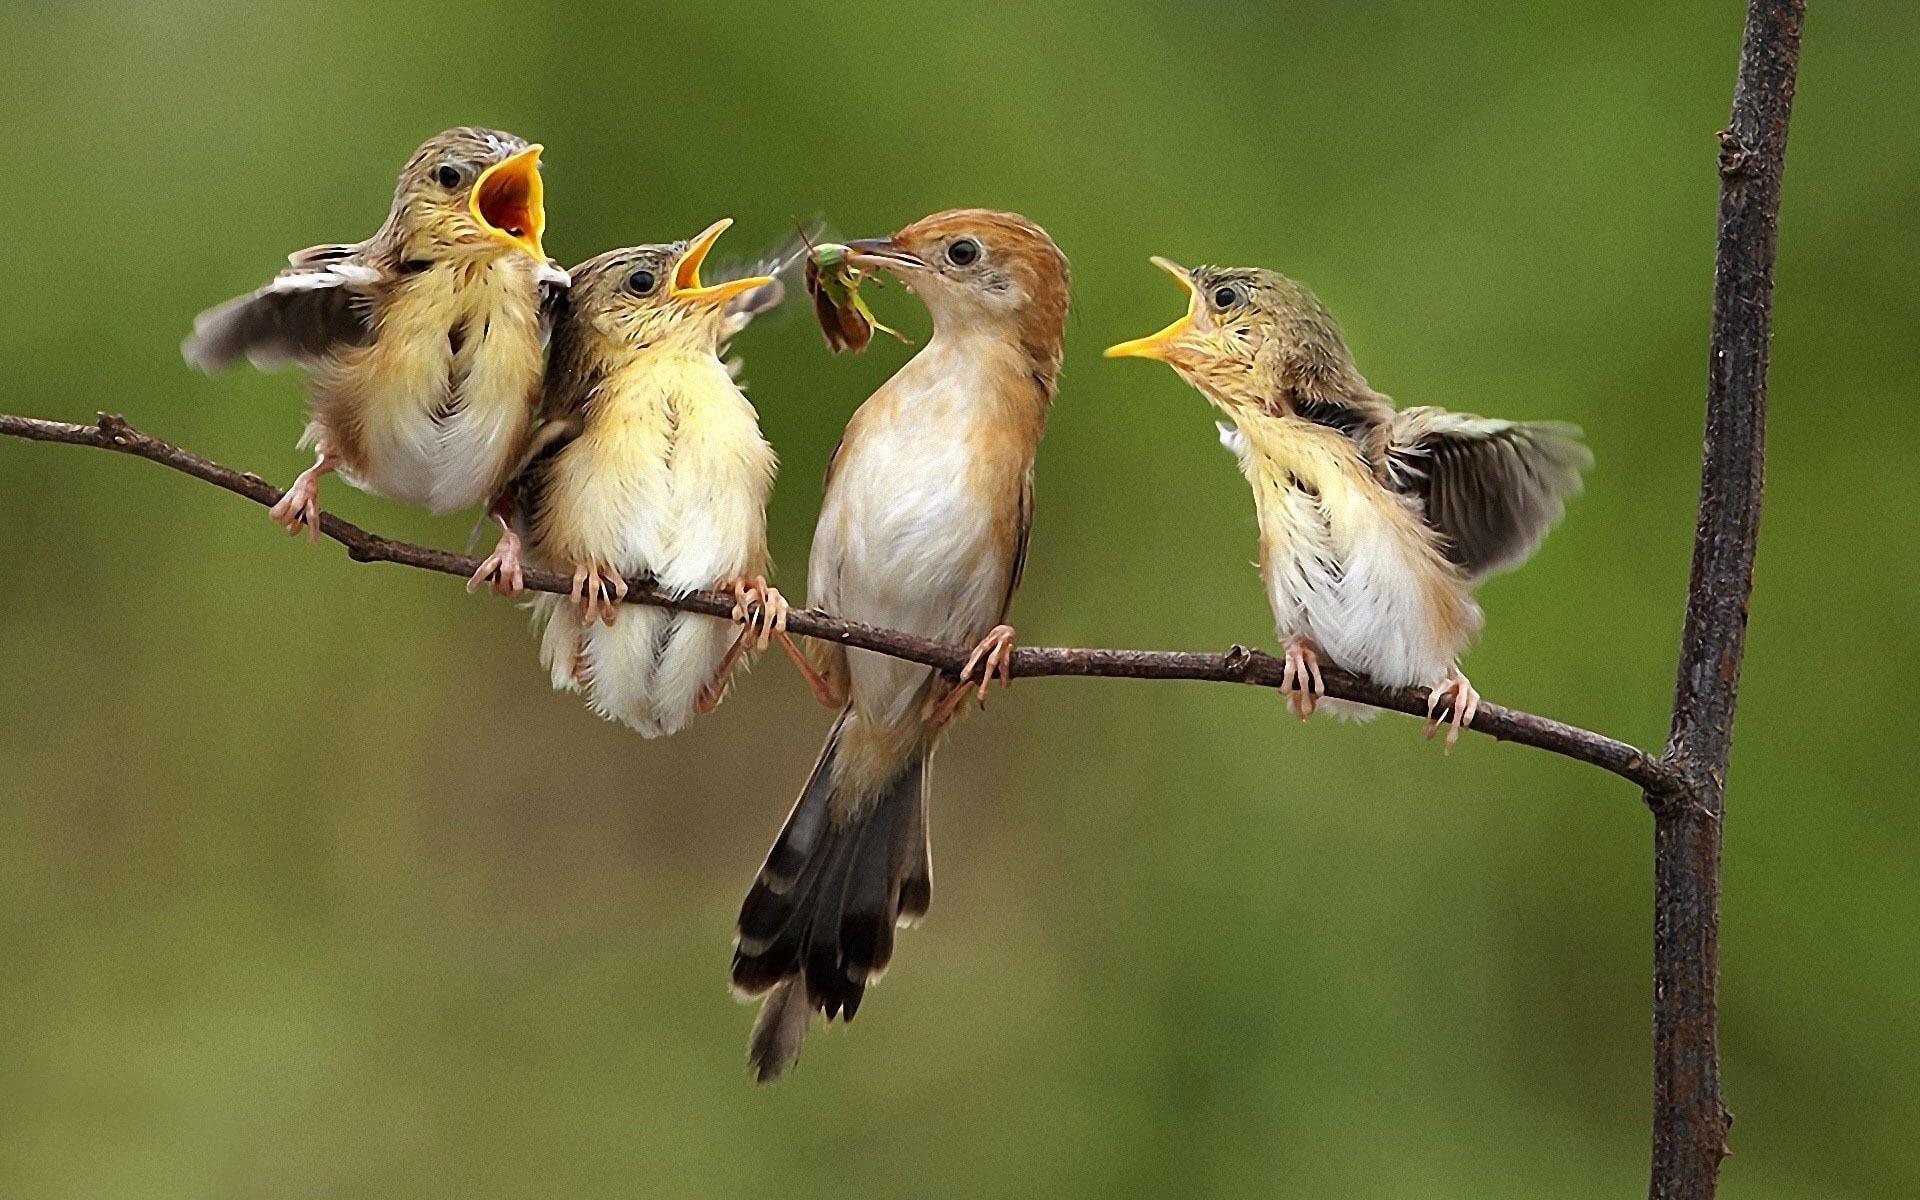 Искусственный интеллект научился определять птиц по их пению